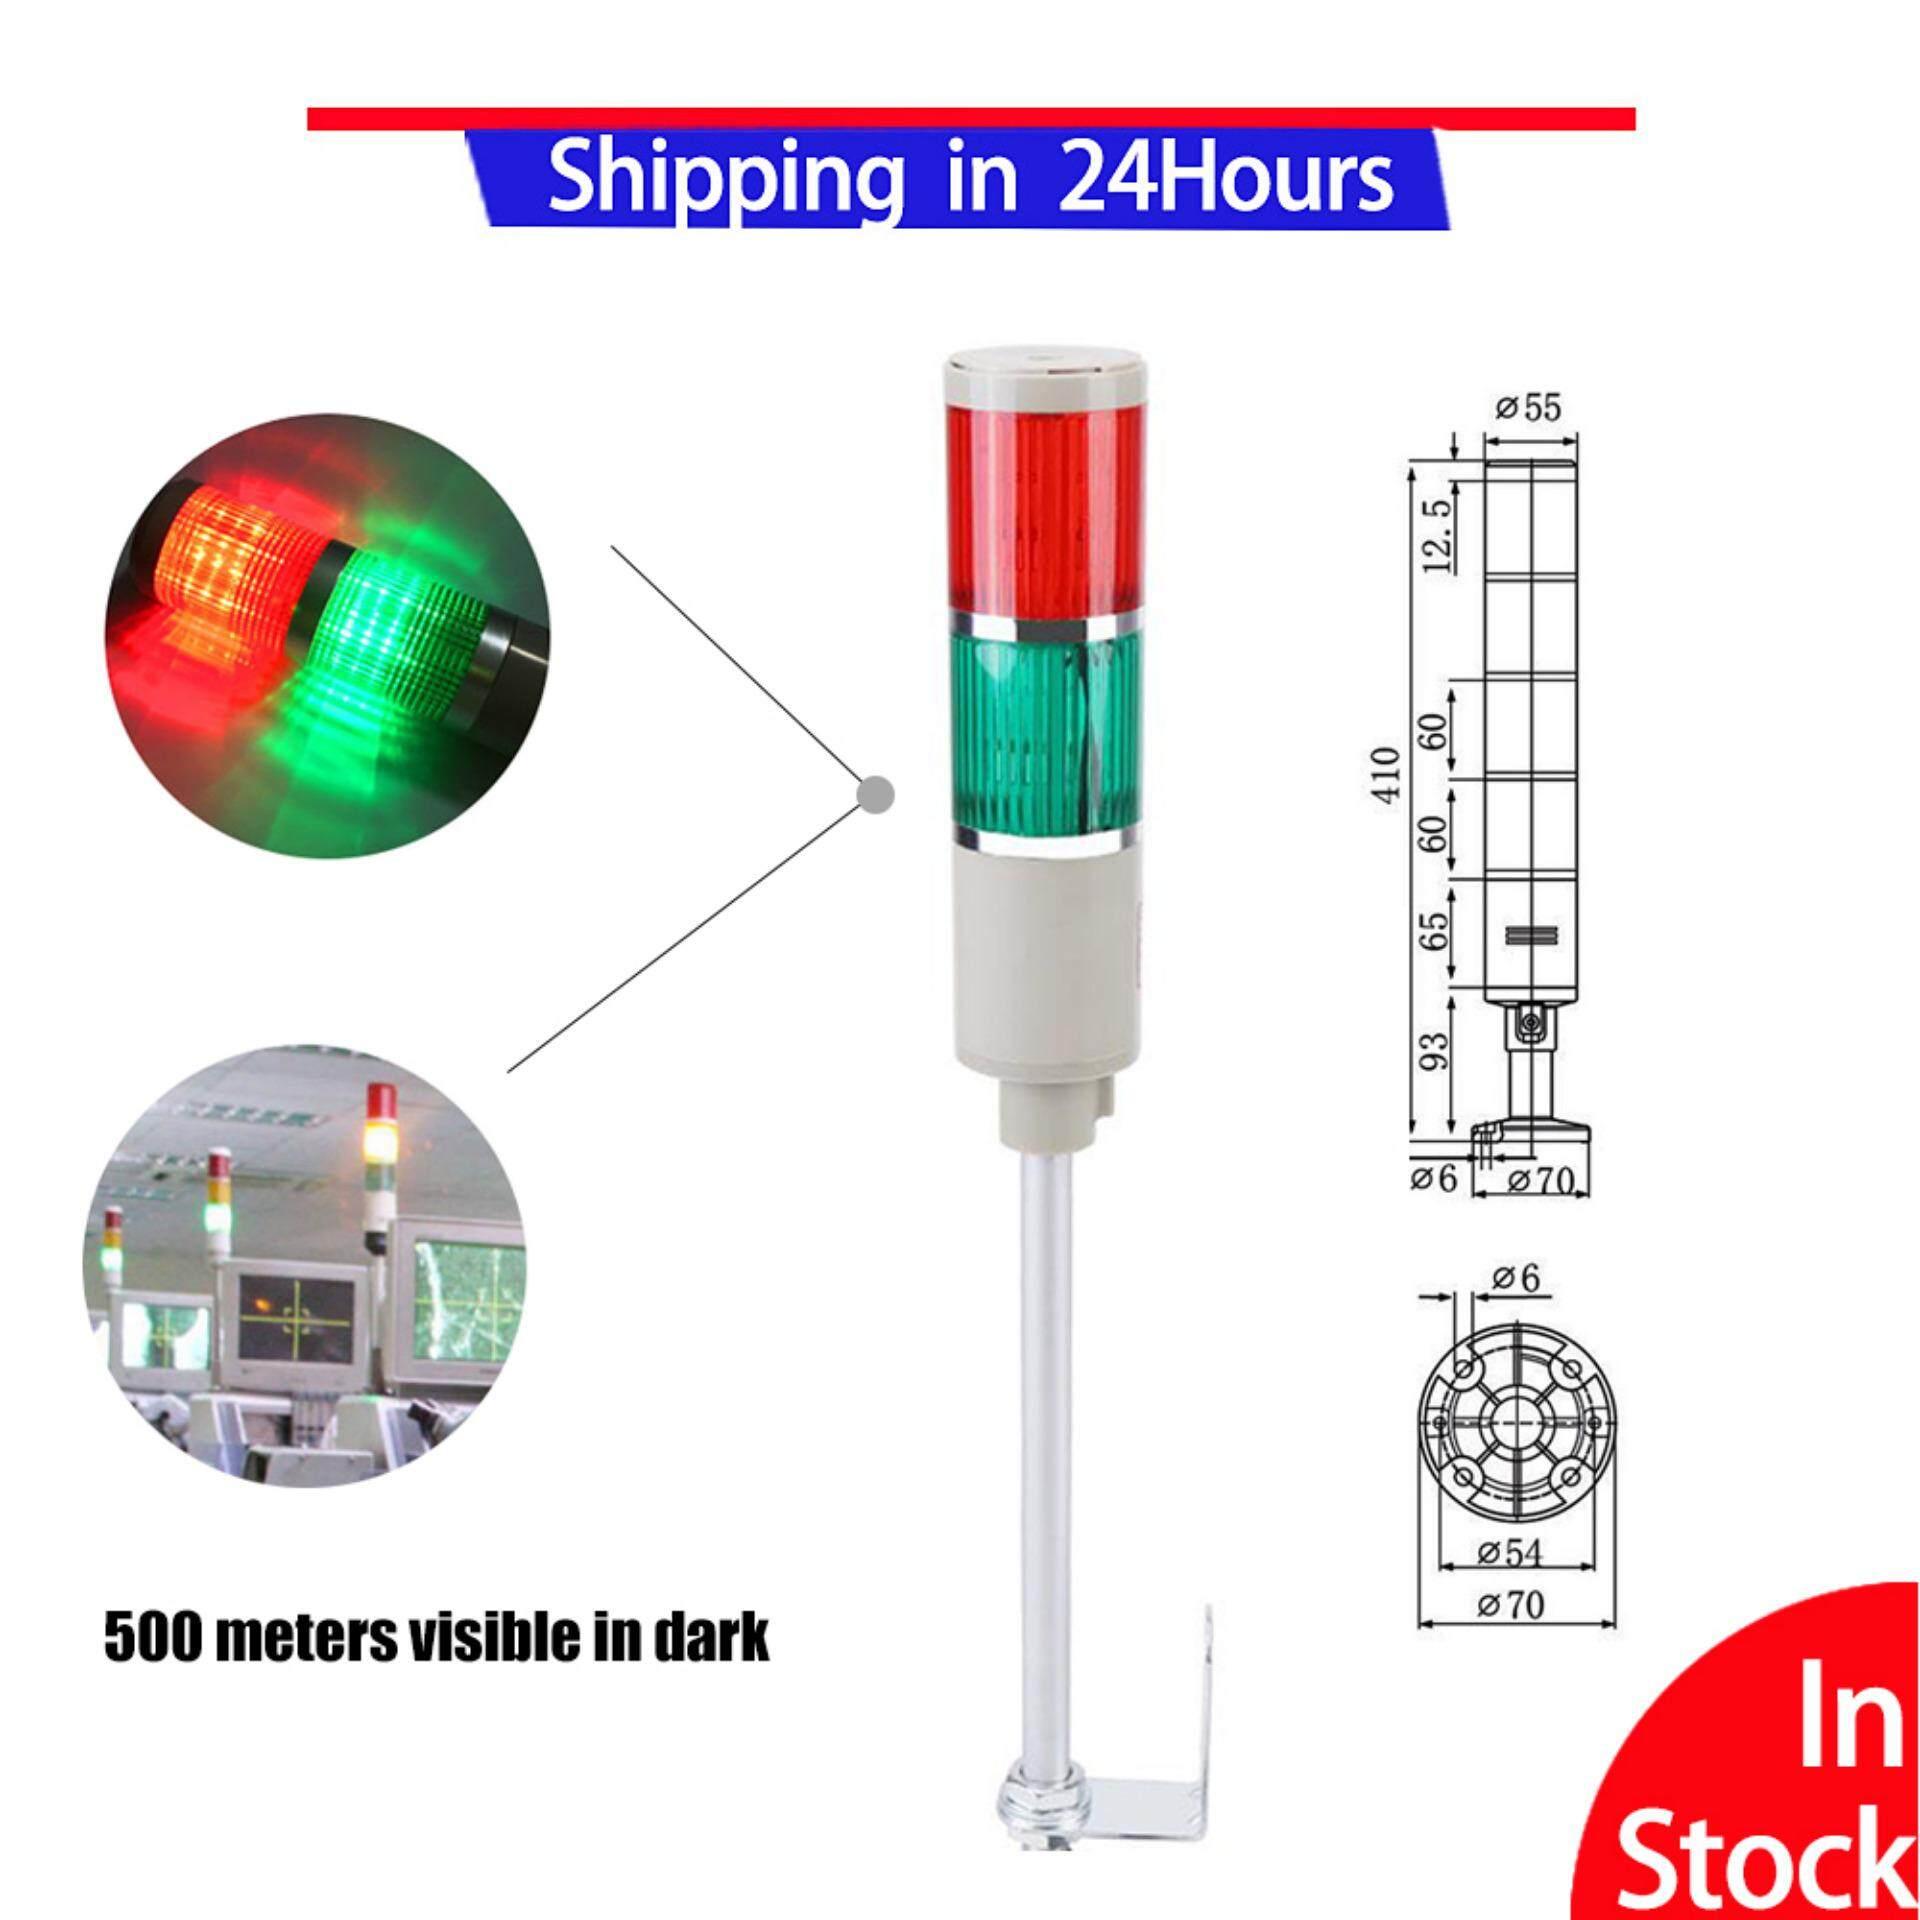 Beacon Light 1pc Red/Green LED Warning Emergency Equipment Lighting Bulb Beacon Lamp 220V